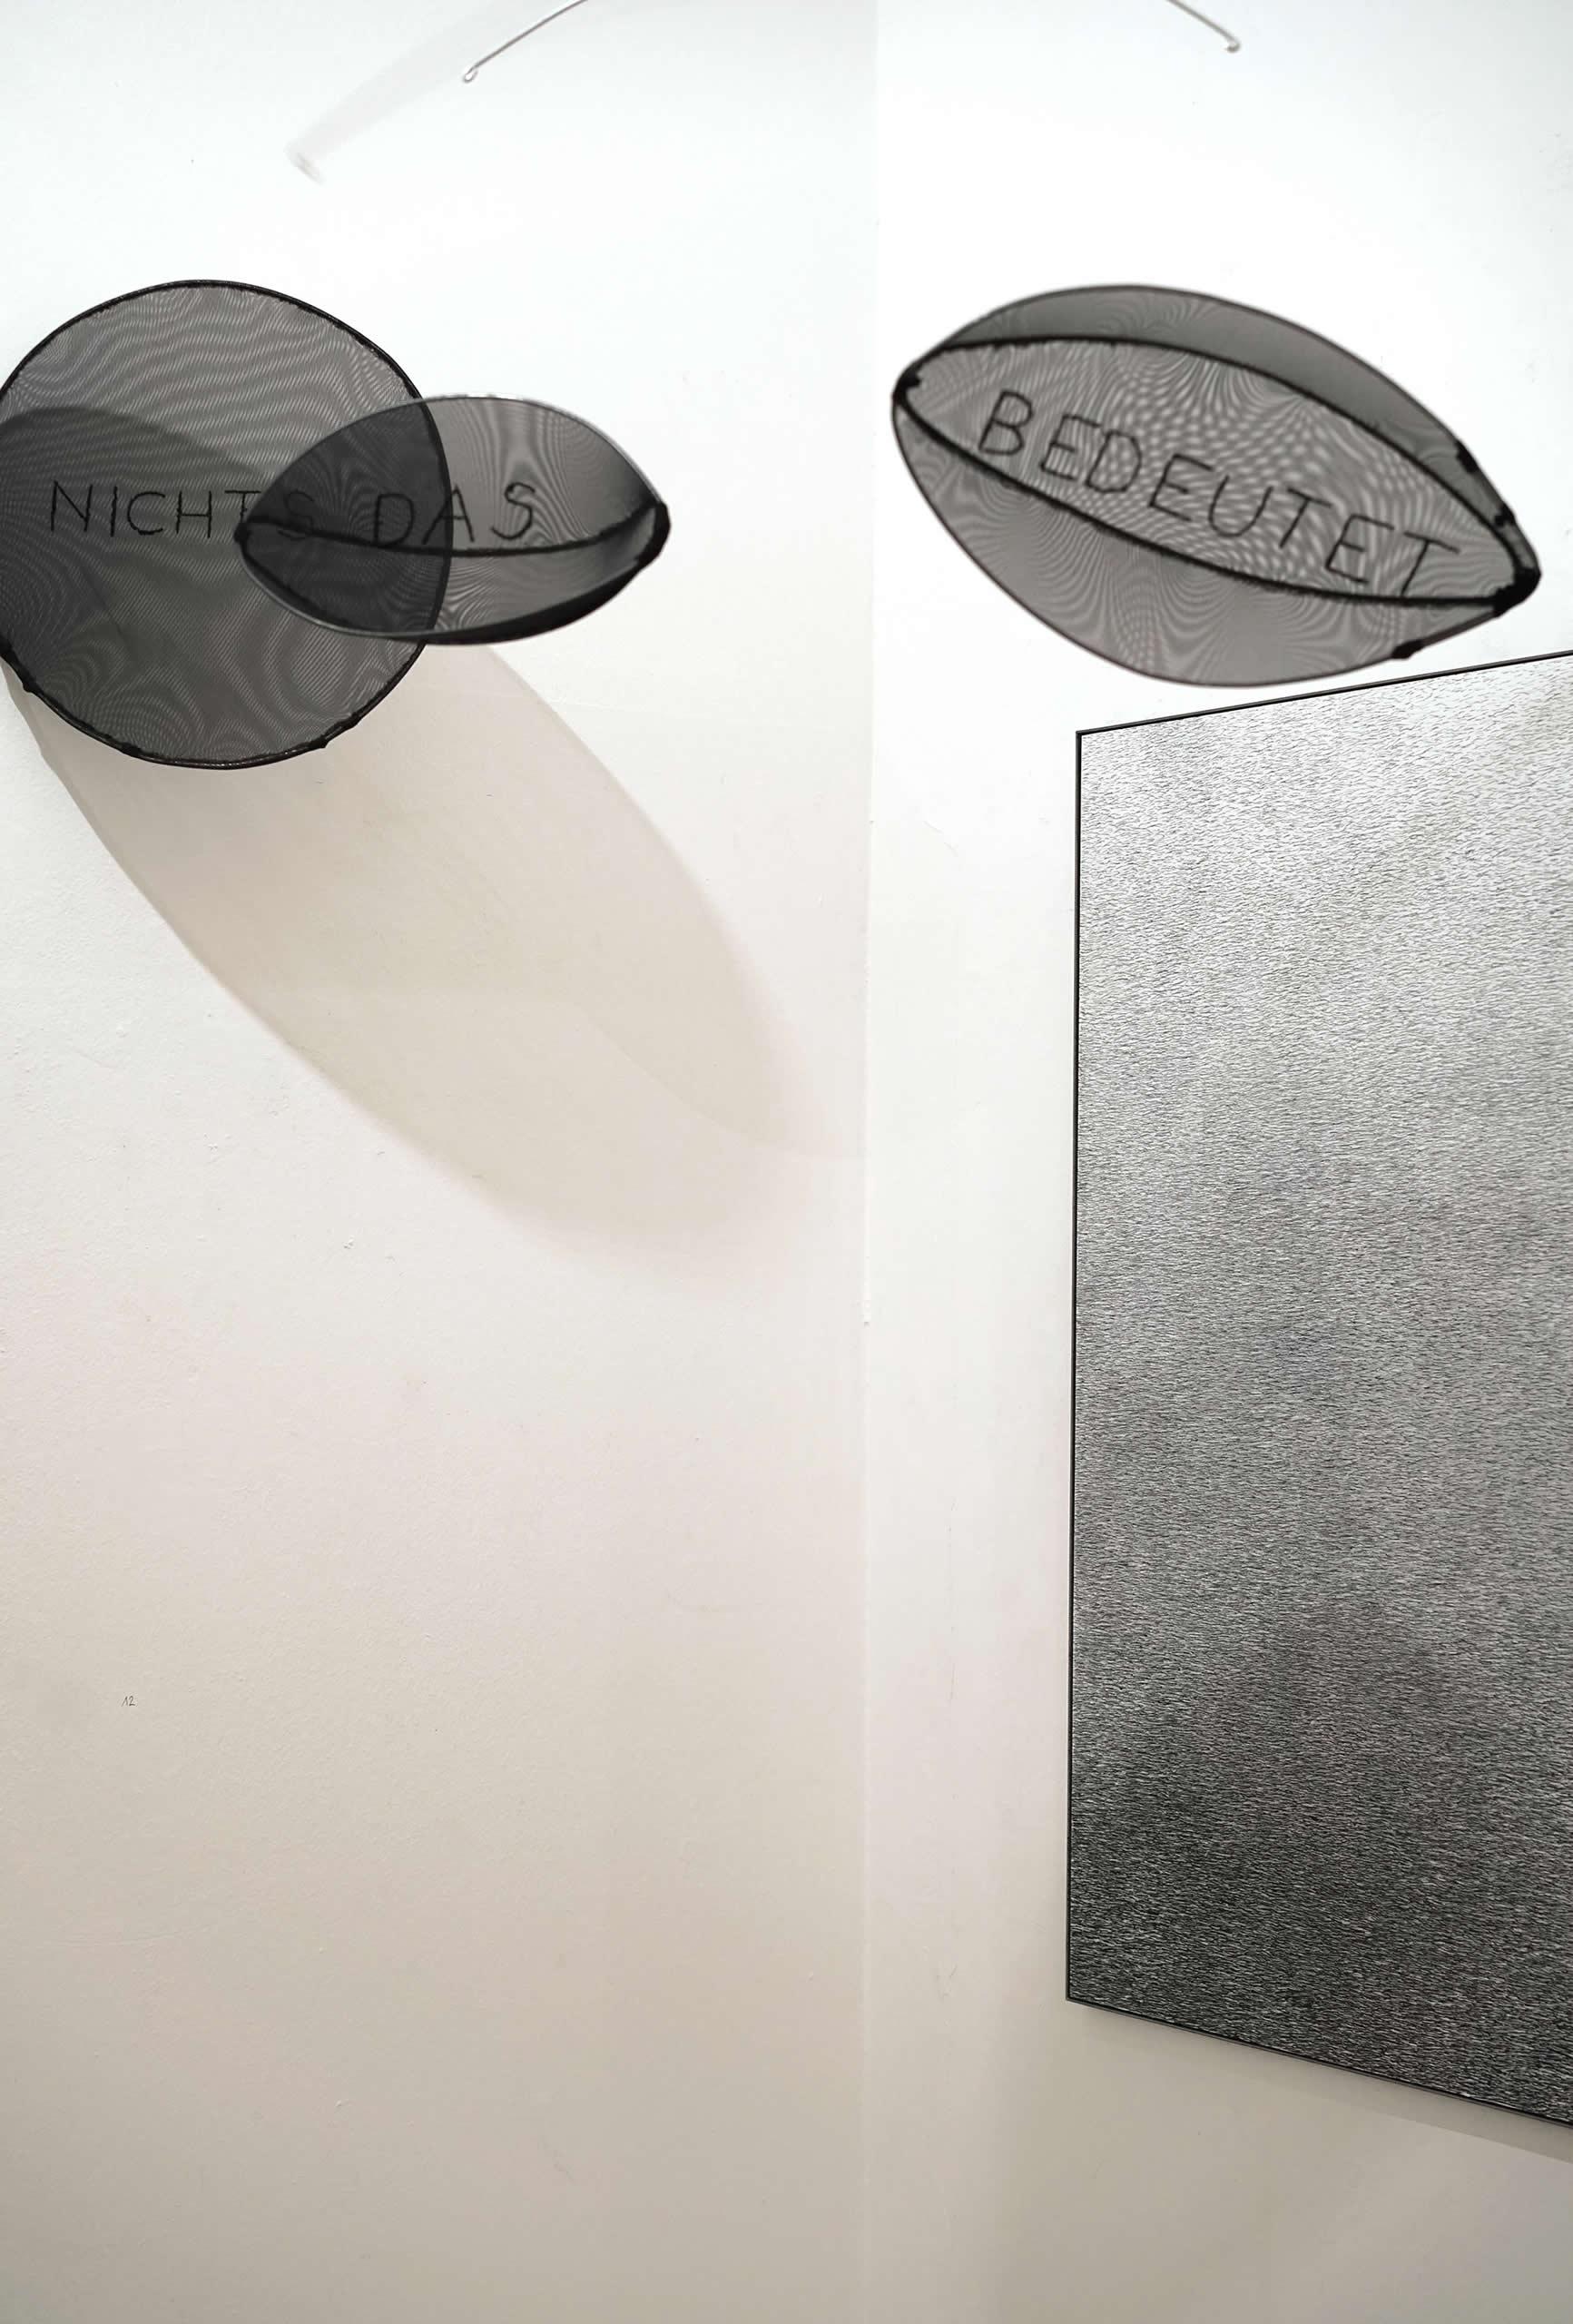 Linda Berger   Theres Cassini   Strichwelten & Luftkörper   2019-11   Galerie3